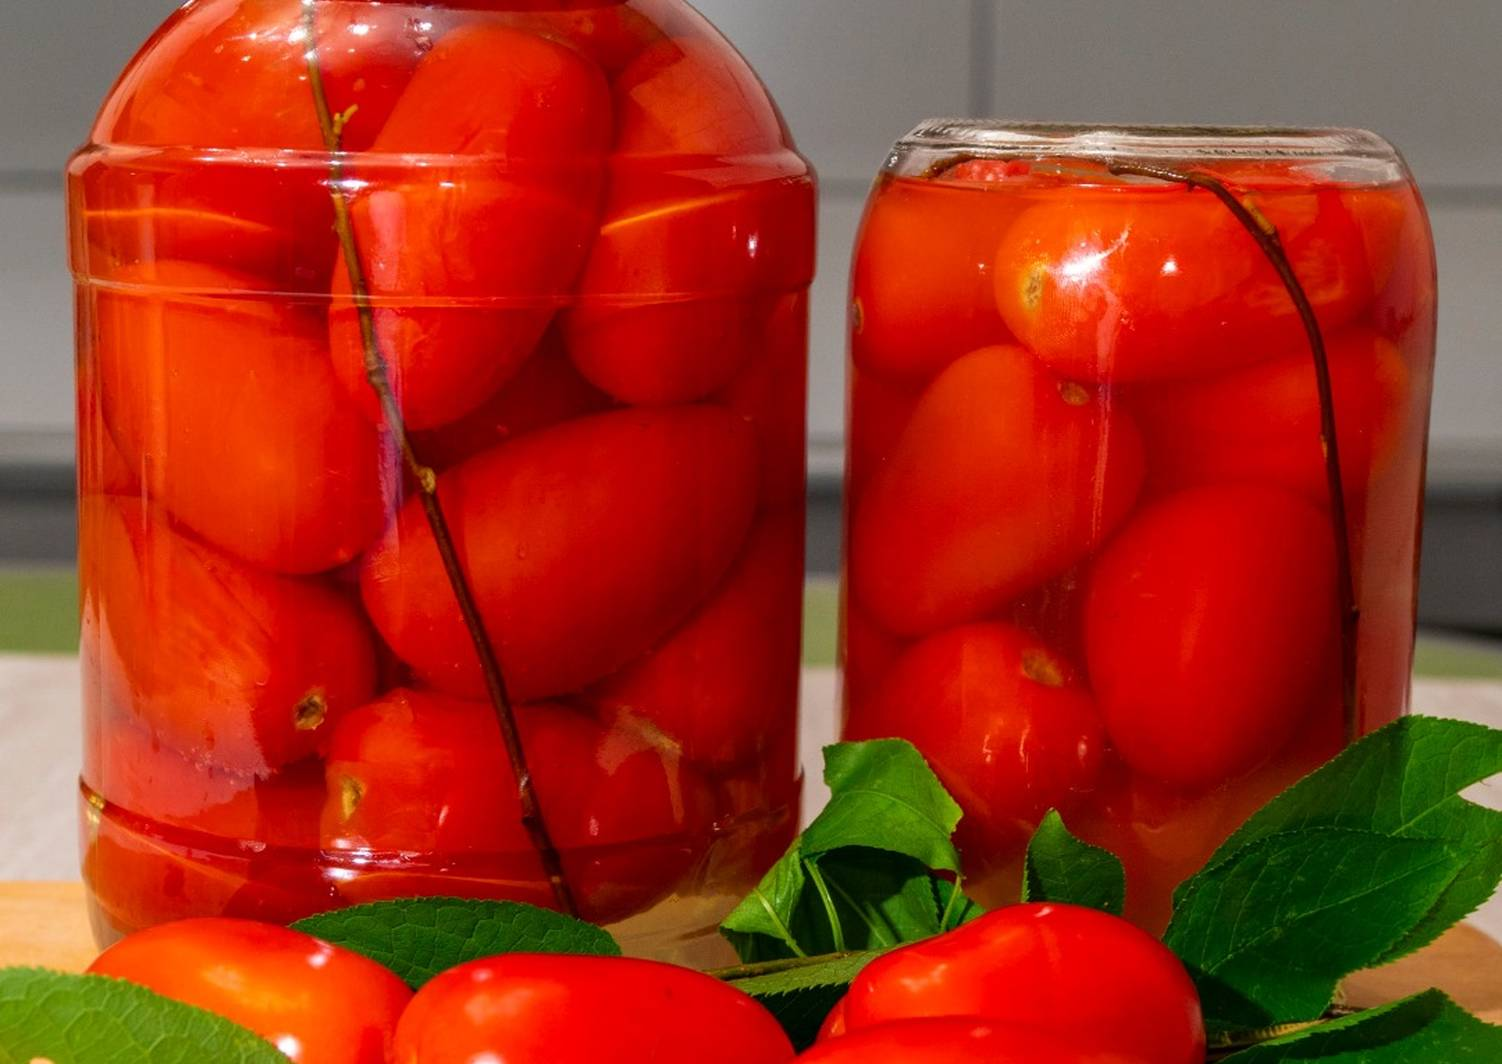 мемориальную доску консервируем помидоры на зиму рецепты с фото актерской карьеры, пробует